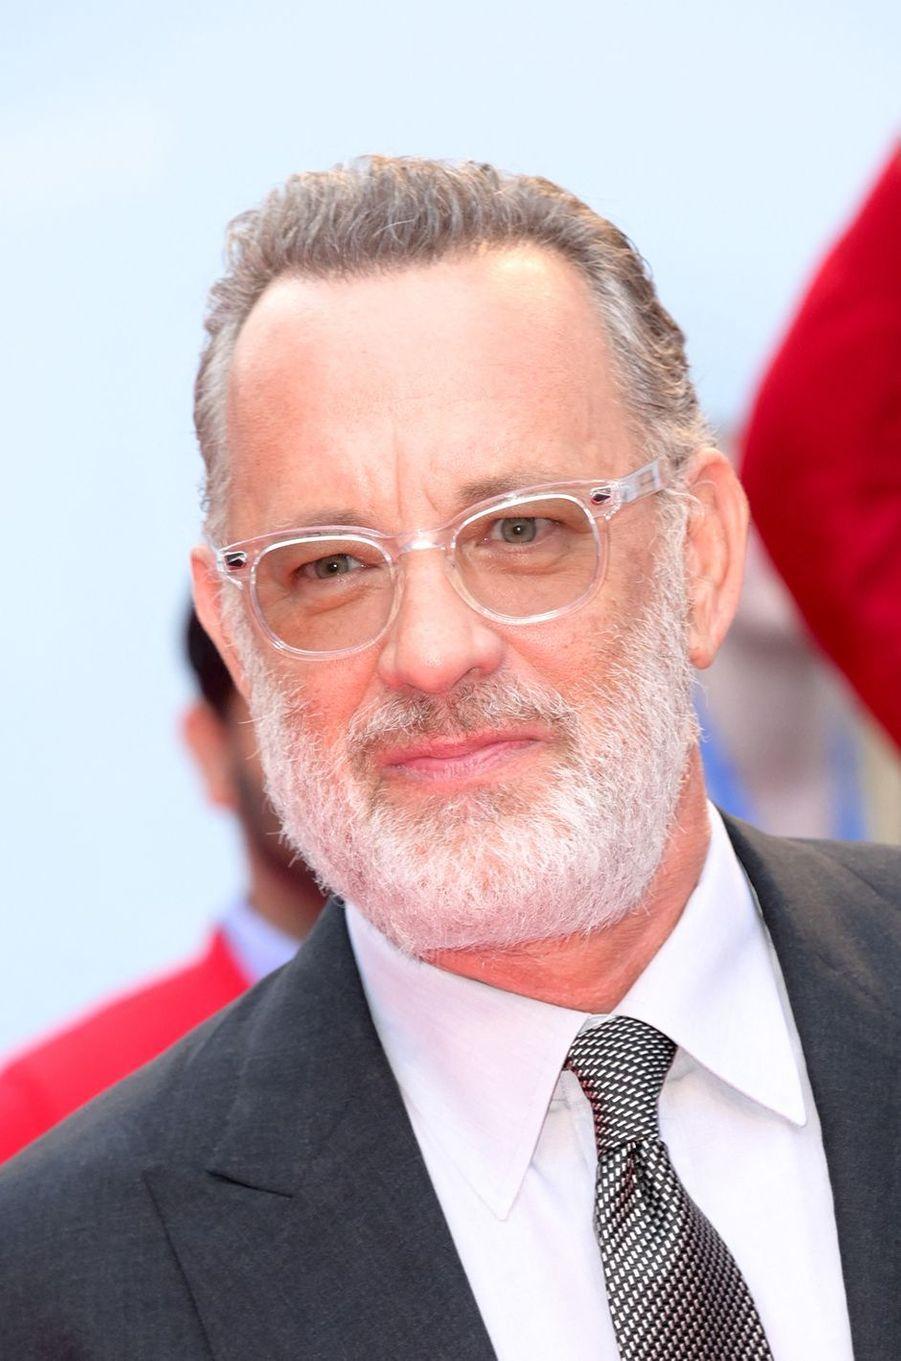 Tendances monde : Tom Hanks est premier dans le Top 10 des acteurs les plus recherchés sur Google en 2020